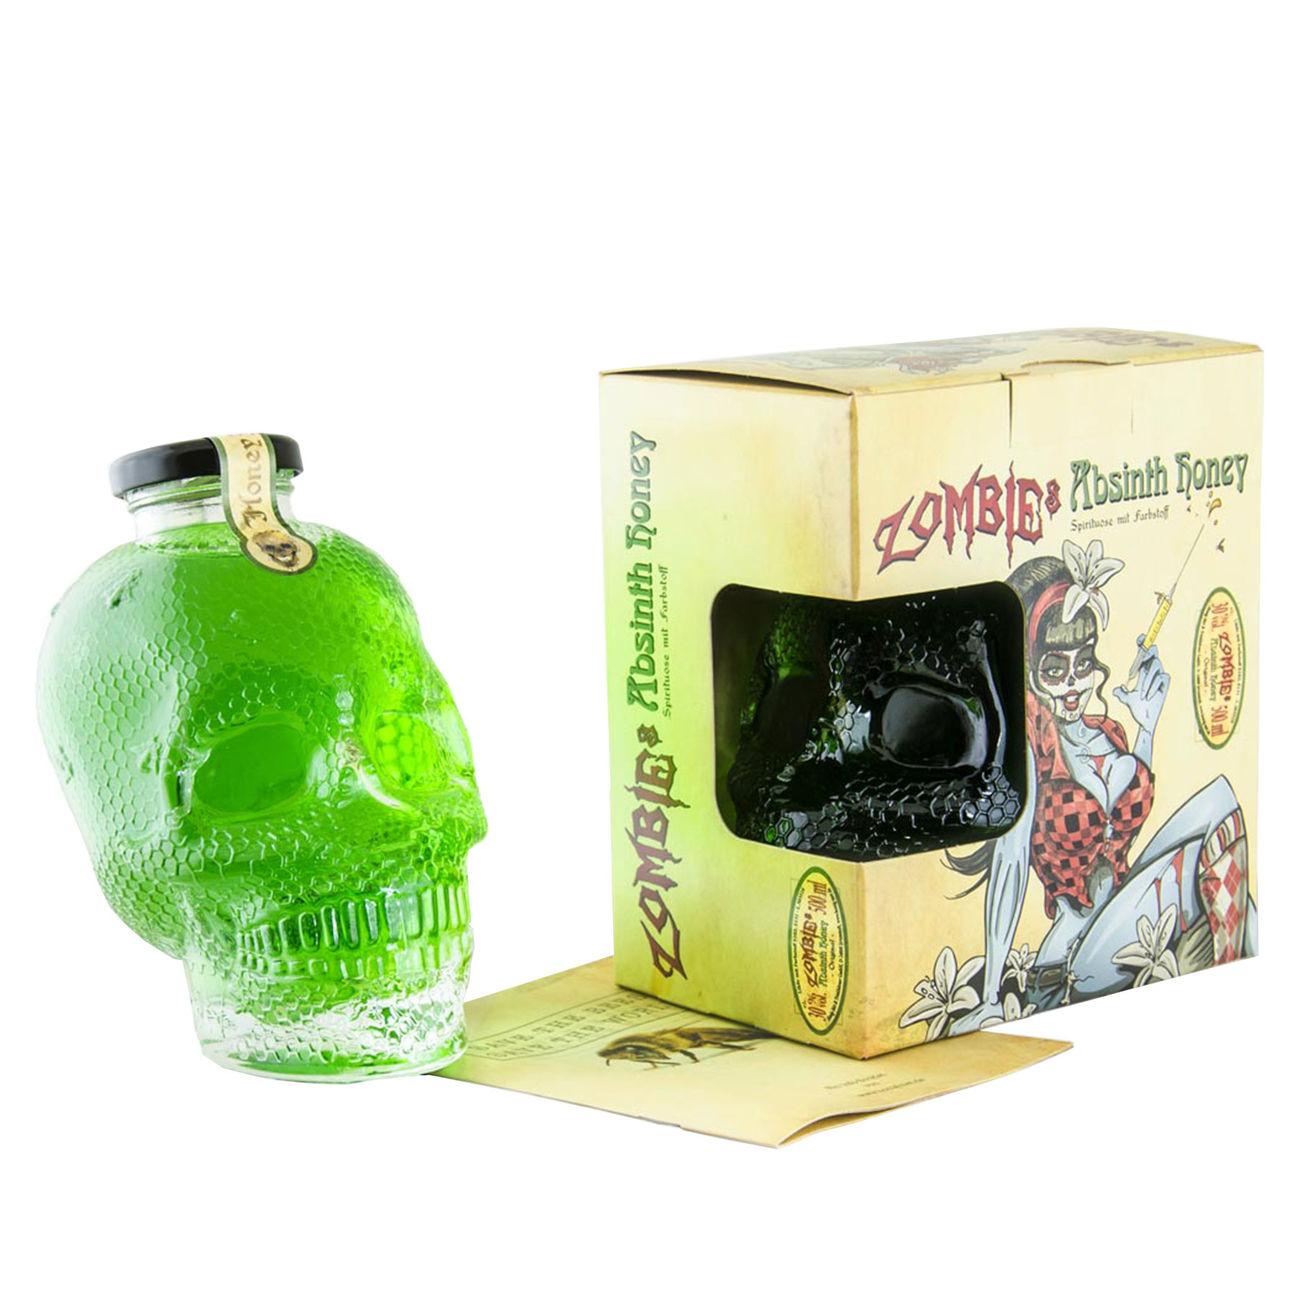 Zombies Absinth Honey 0,5 Liter in Totenkopf Flasche günstig kaufen ...